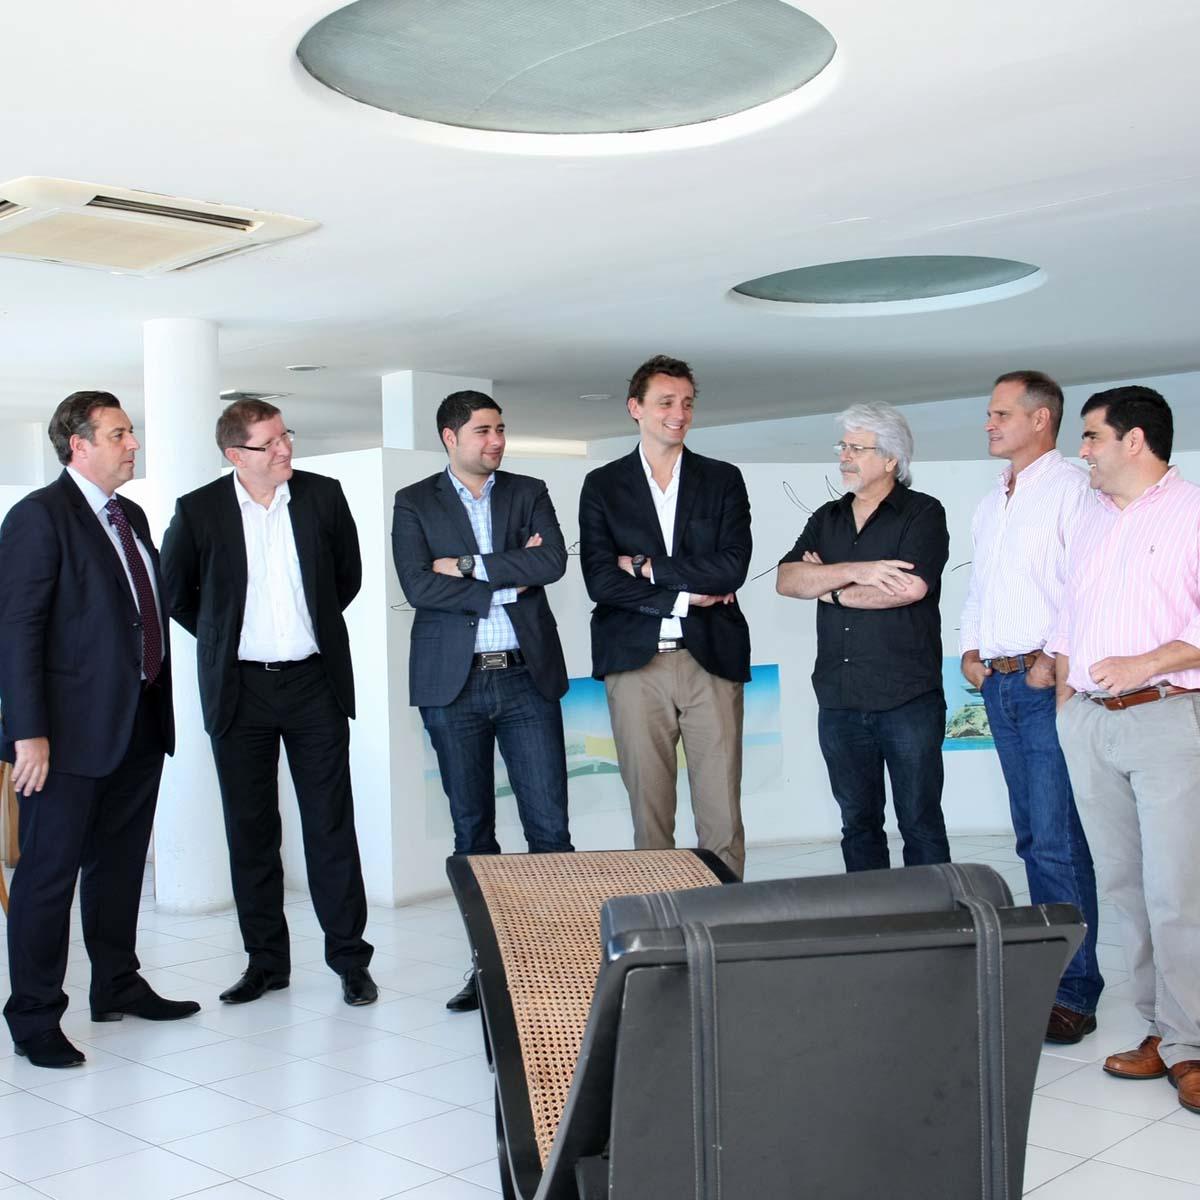 La Cote des Montres : Photo - Hublot Big Bang 44 mm Aero Bang Niemeyer